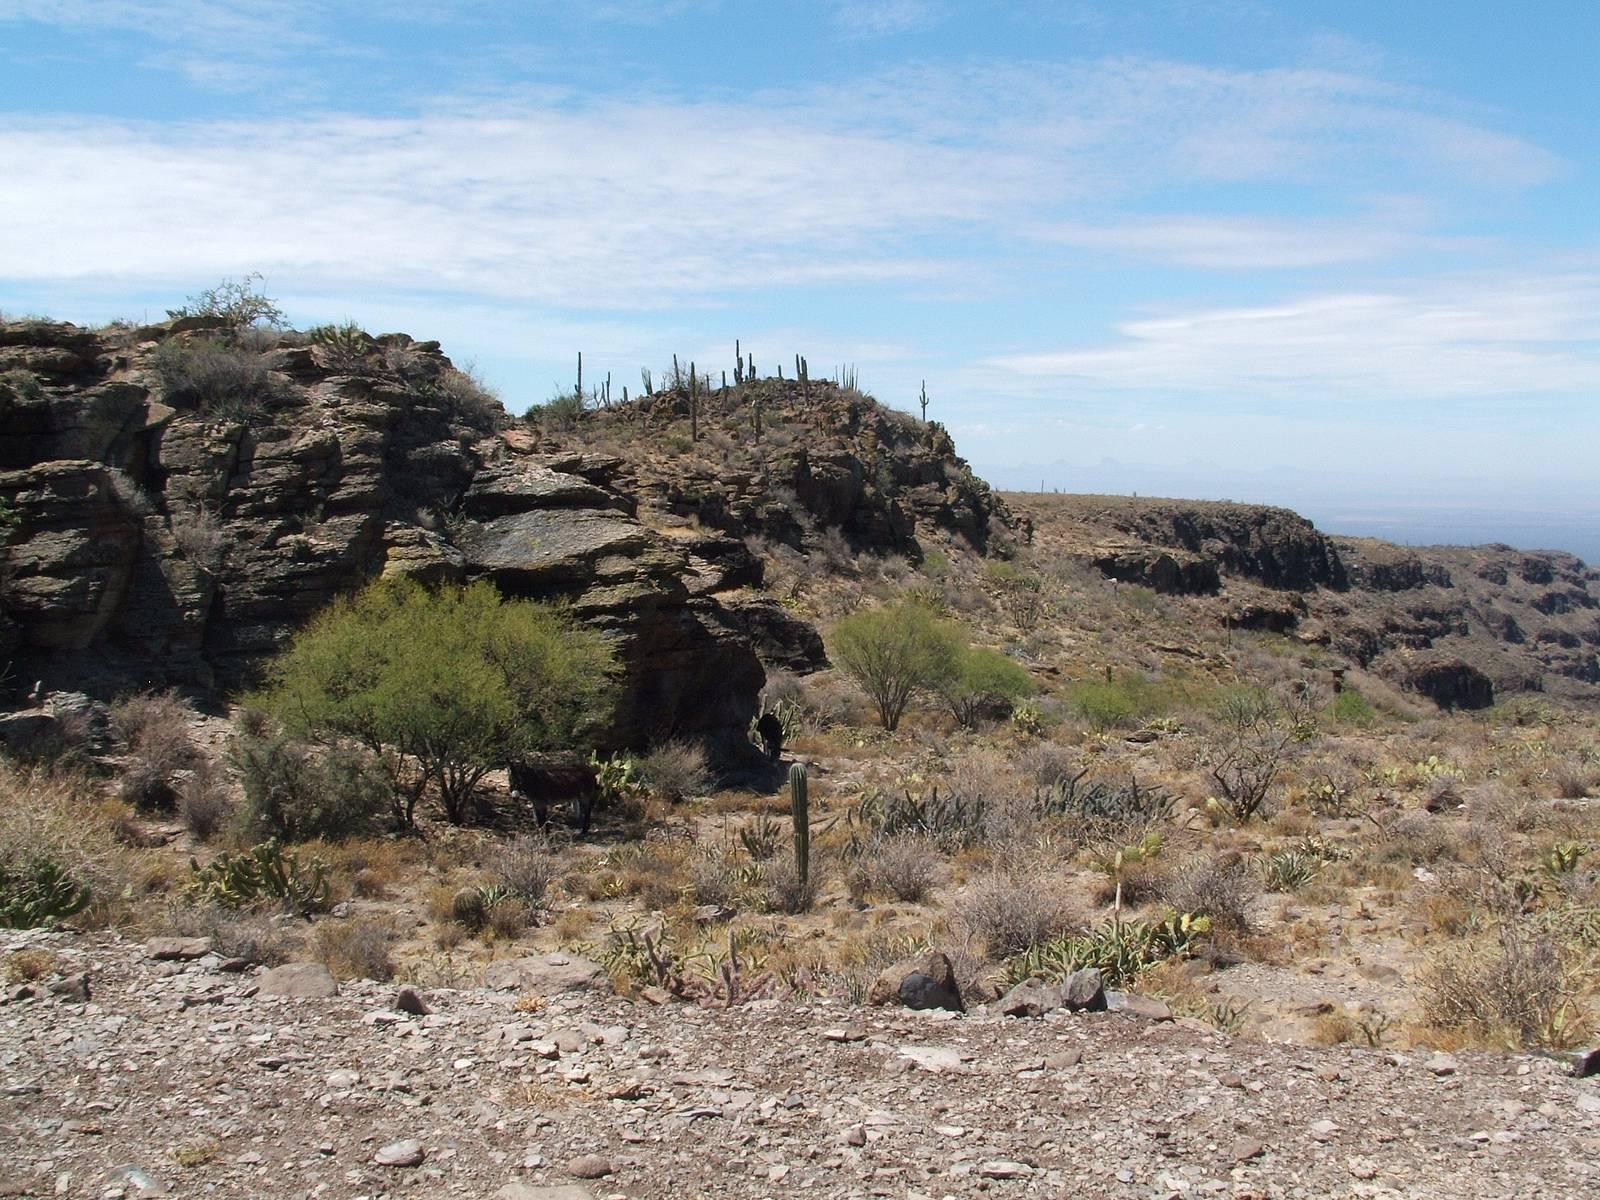 Mexico-rocks-vegetation-desert.jpg